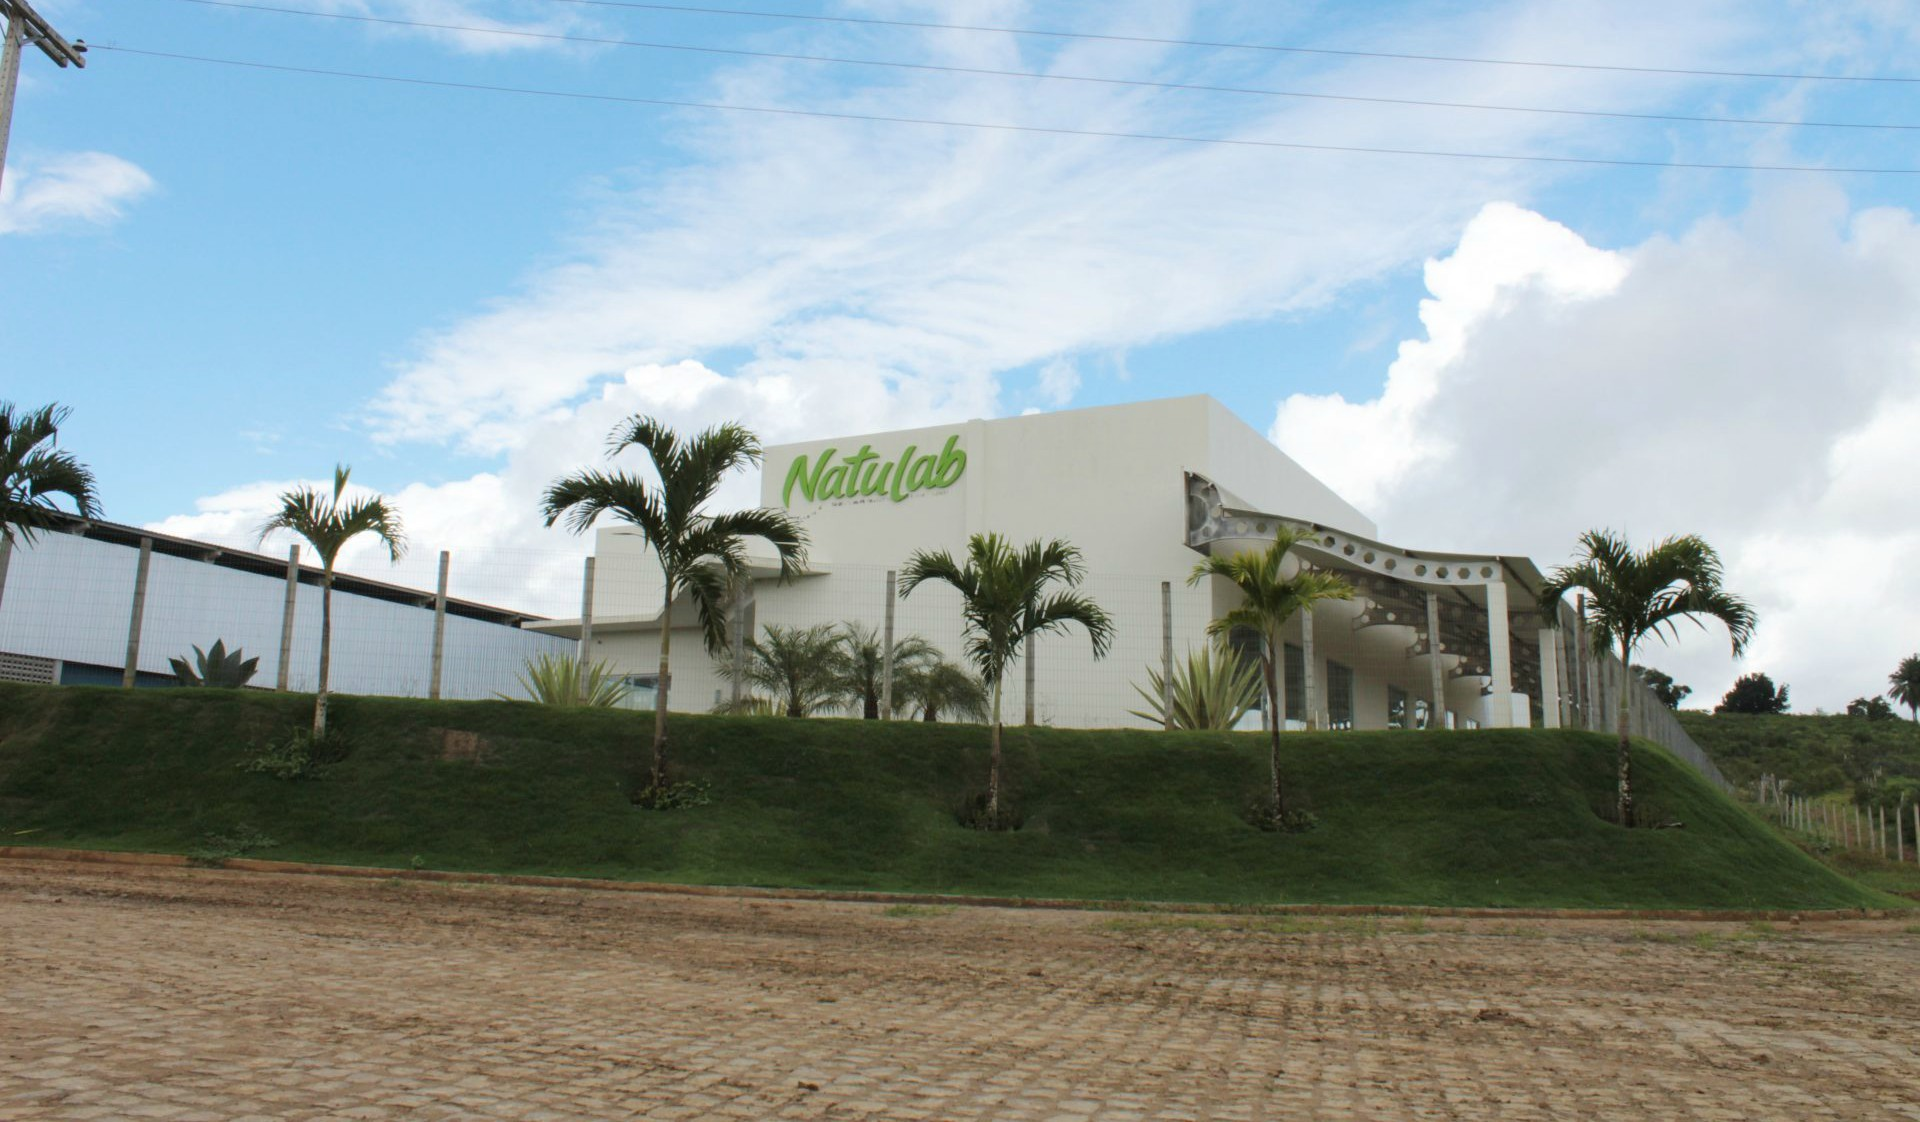 Universidade Natulab abre espaço para nutricionistas e farmacêuticos